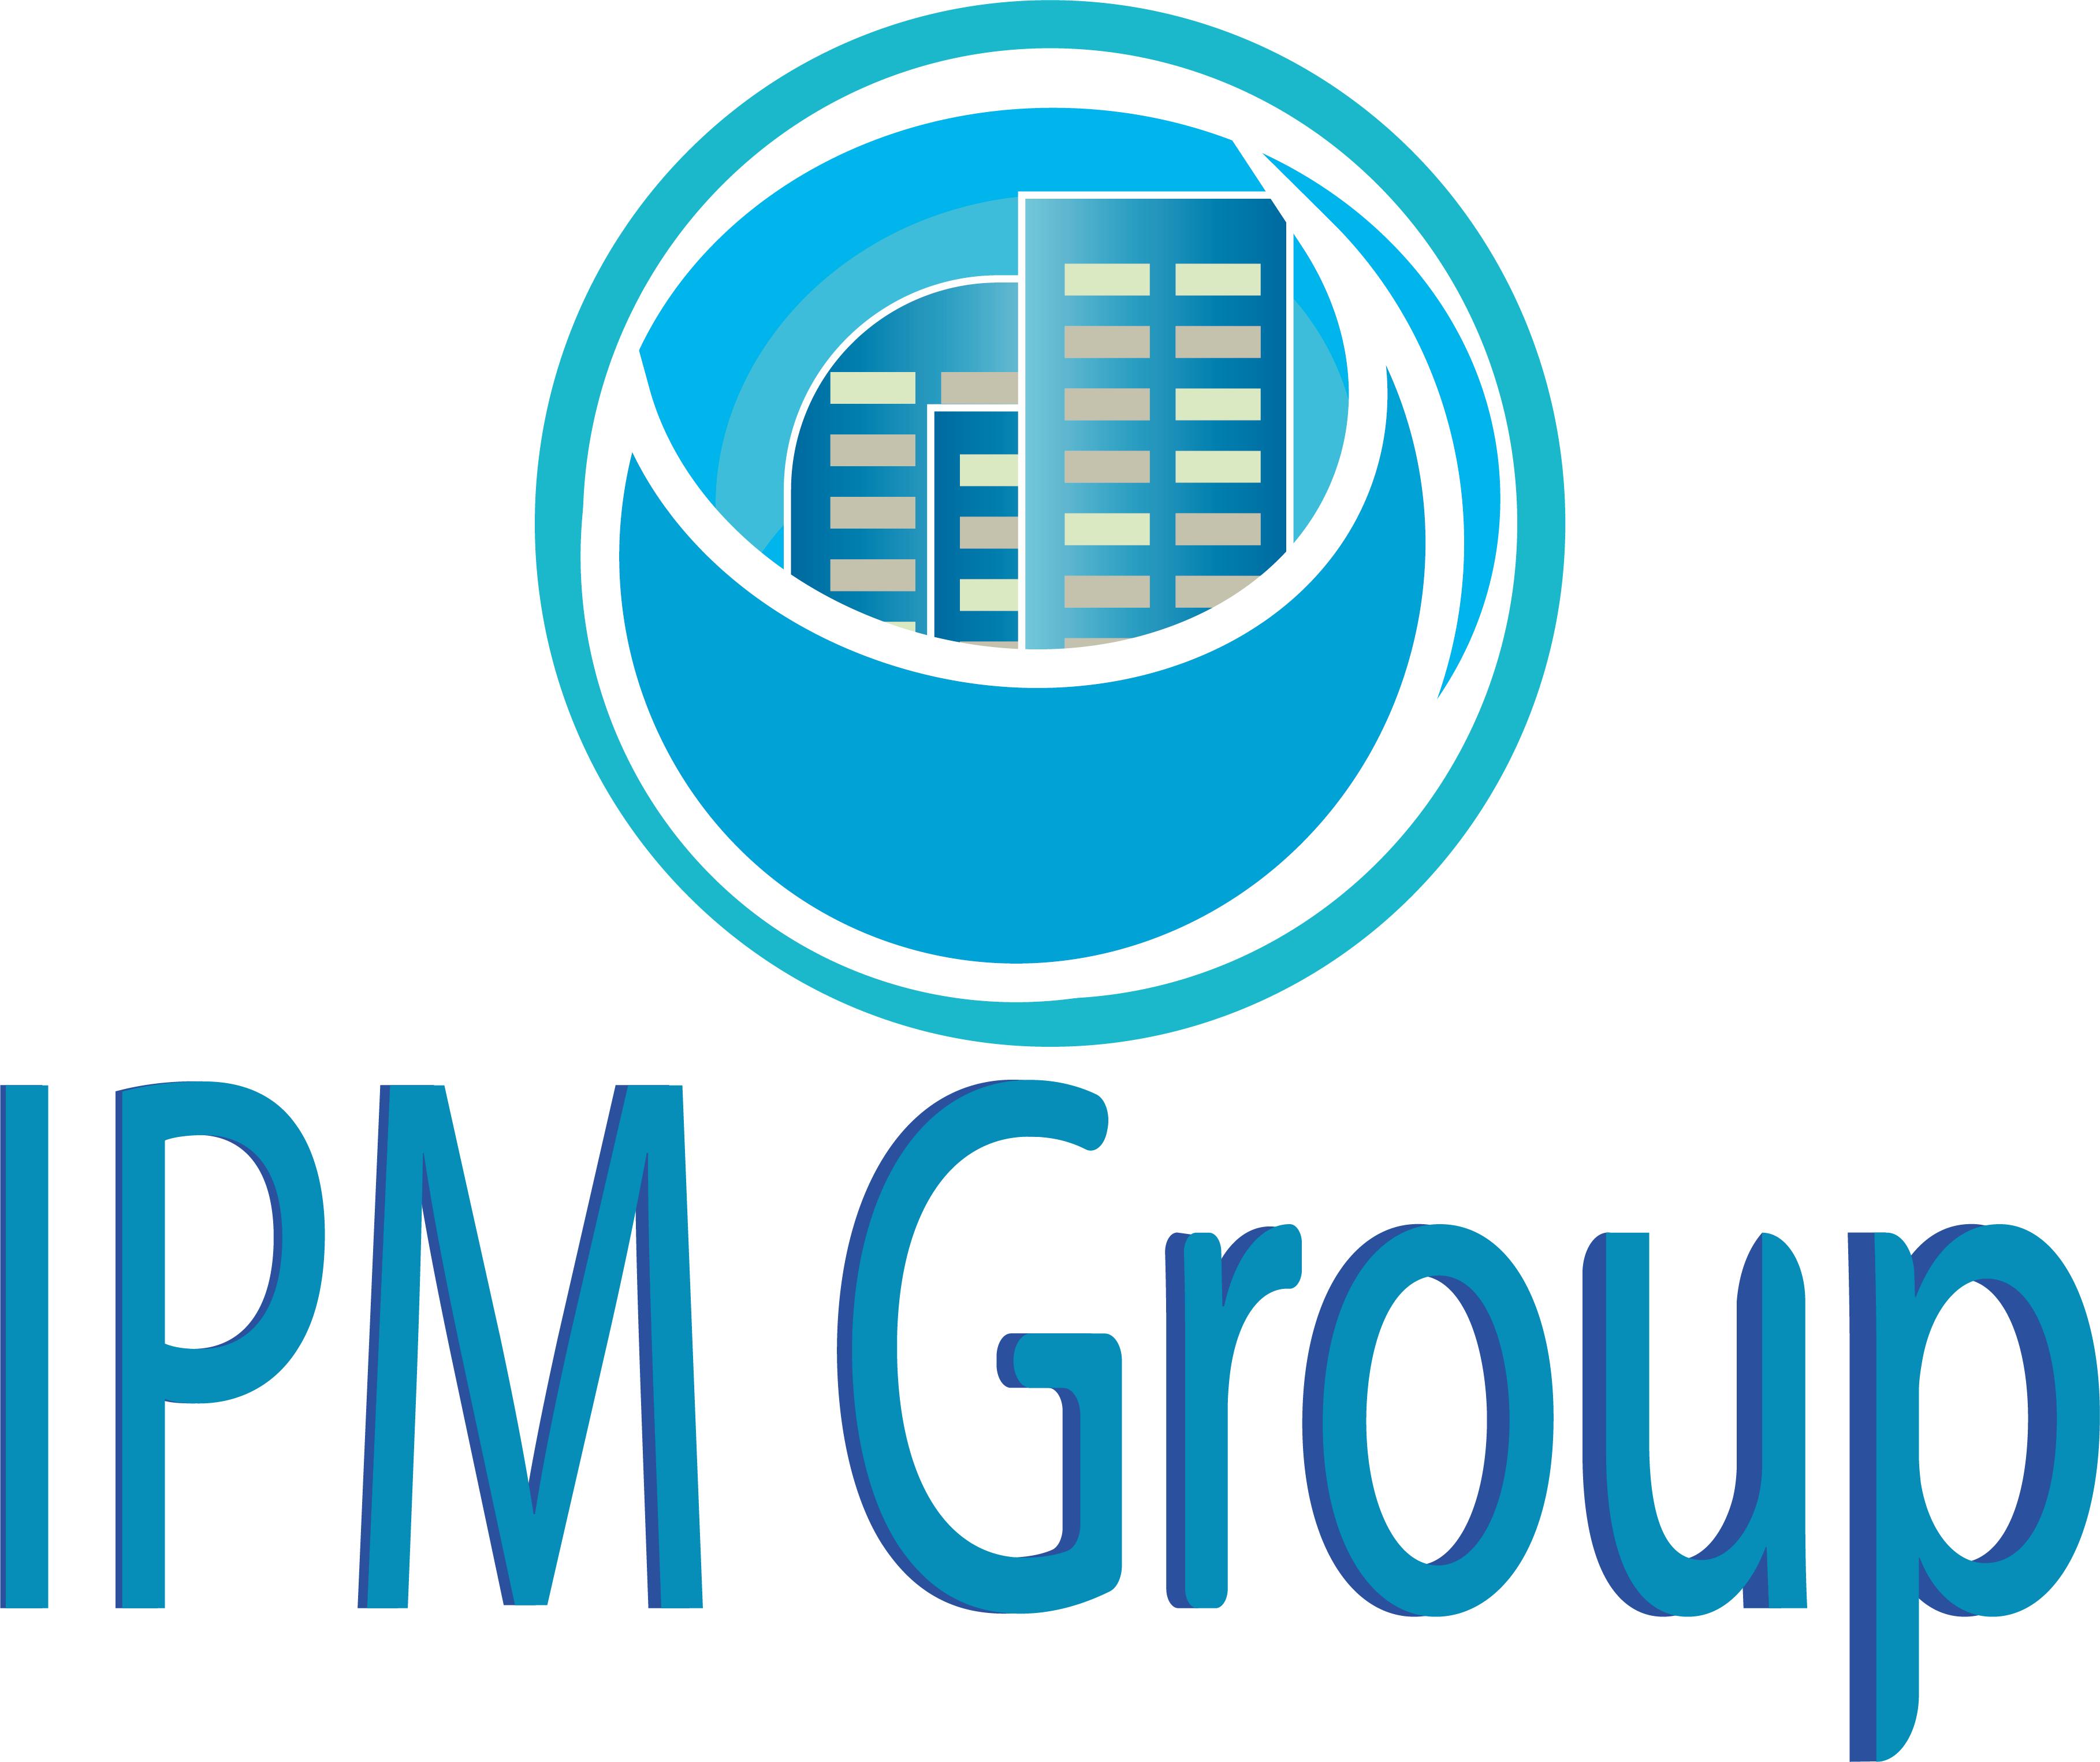 Разработка логотипа для управляющей компании фото f_6465f839f3b473a5.png